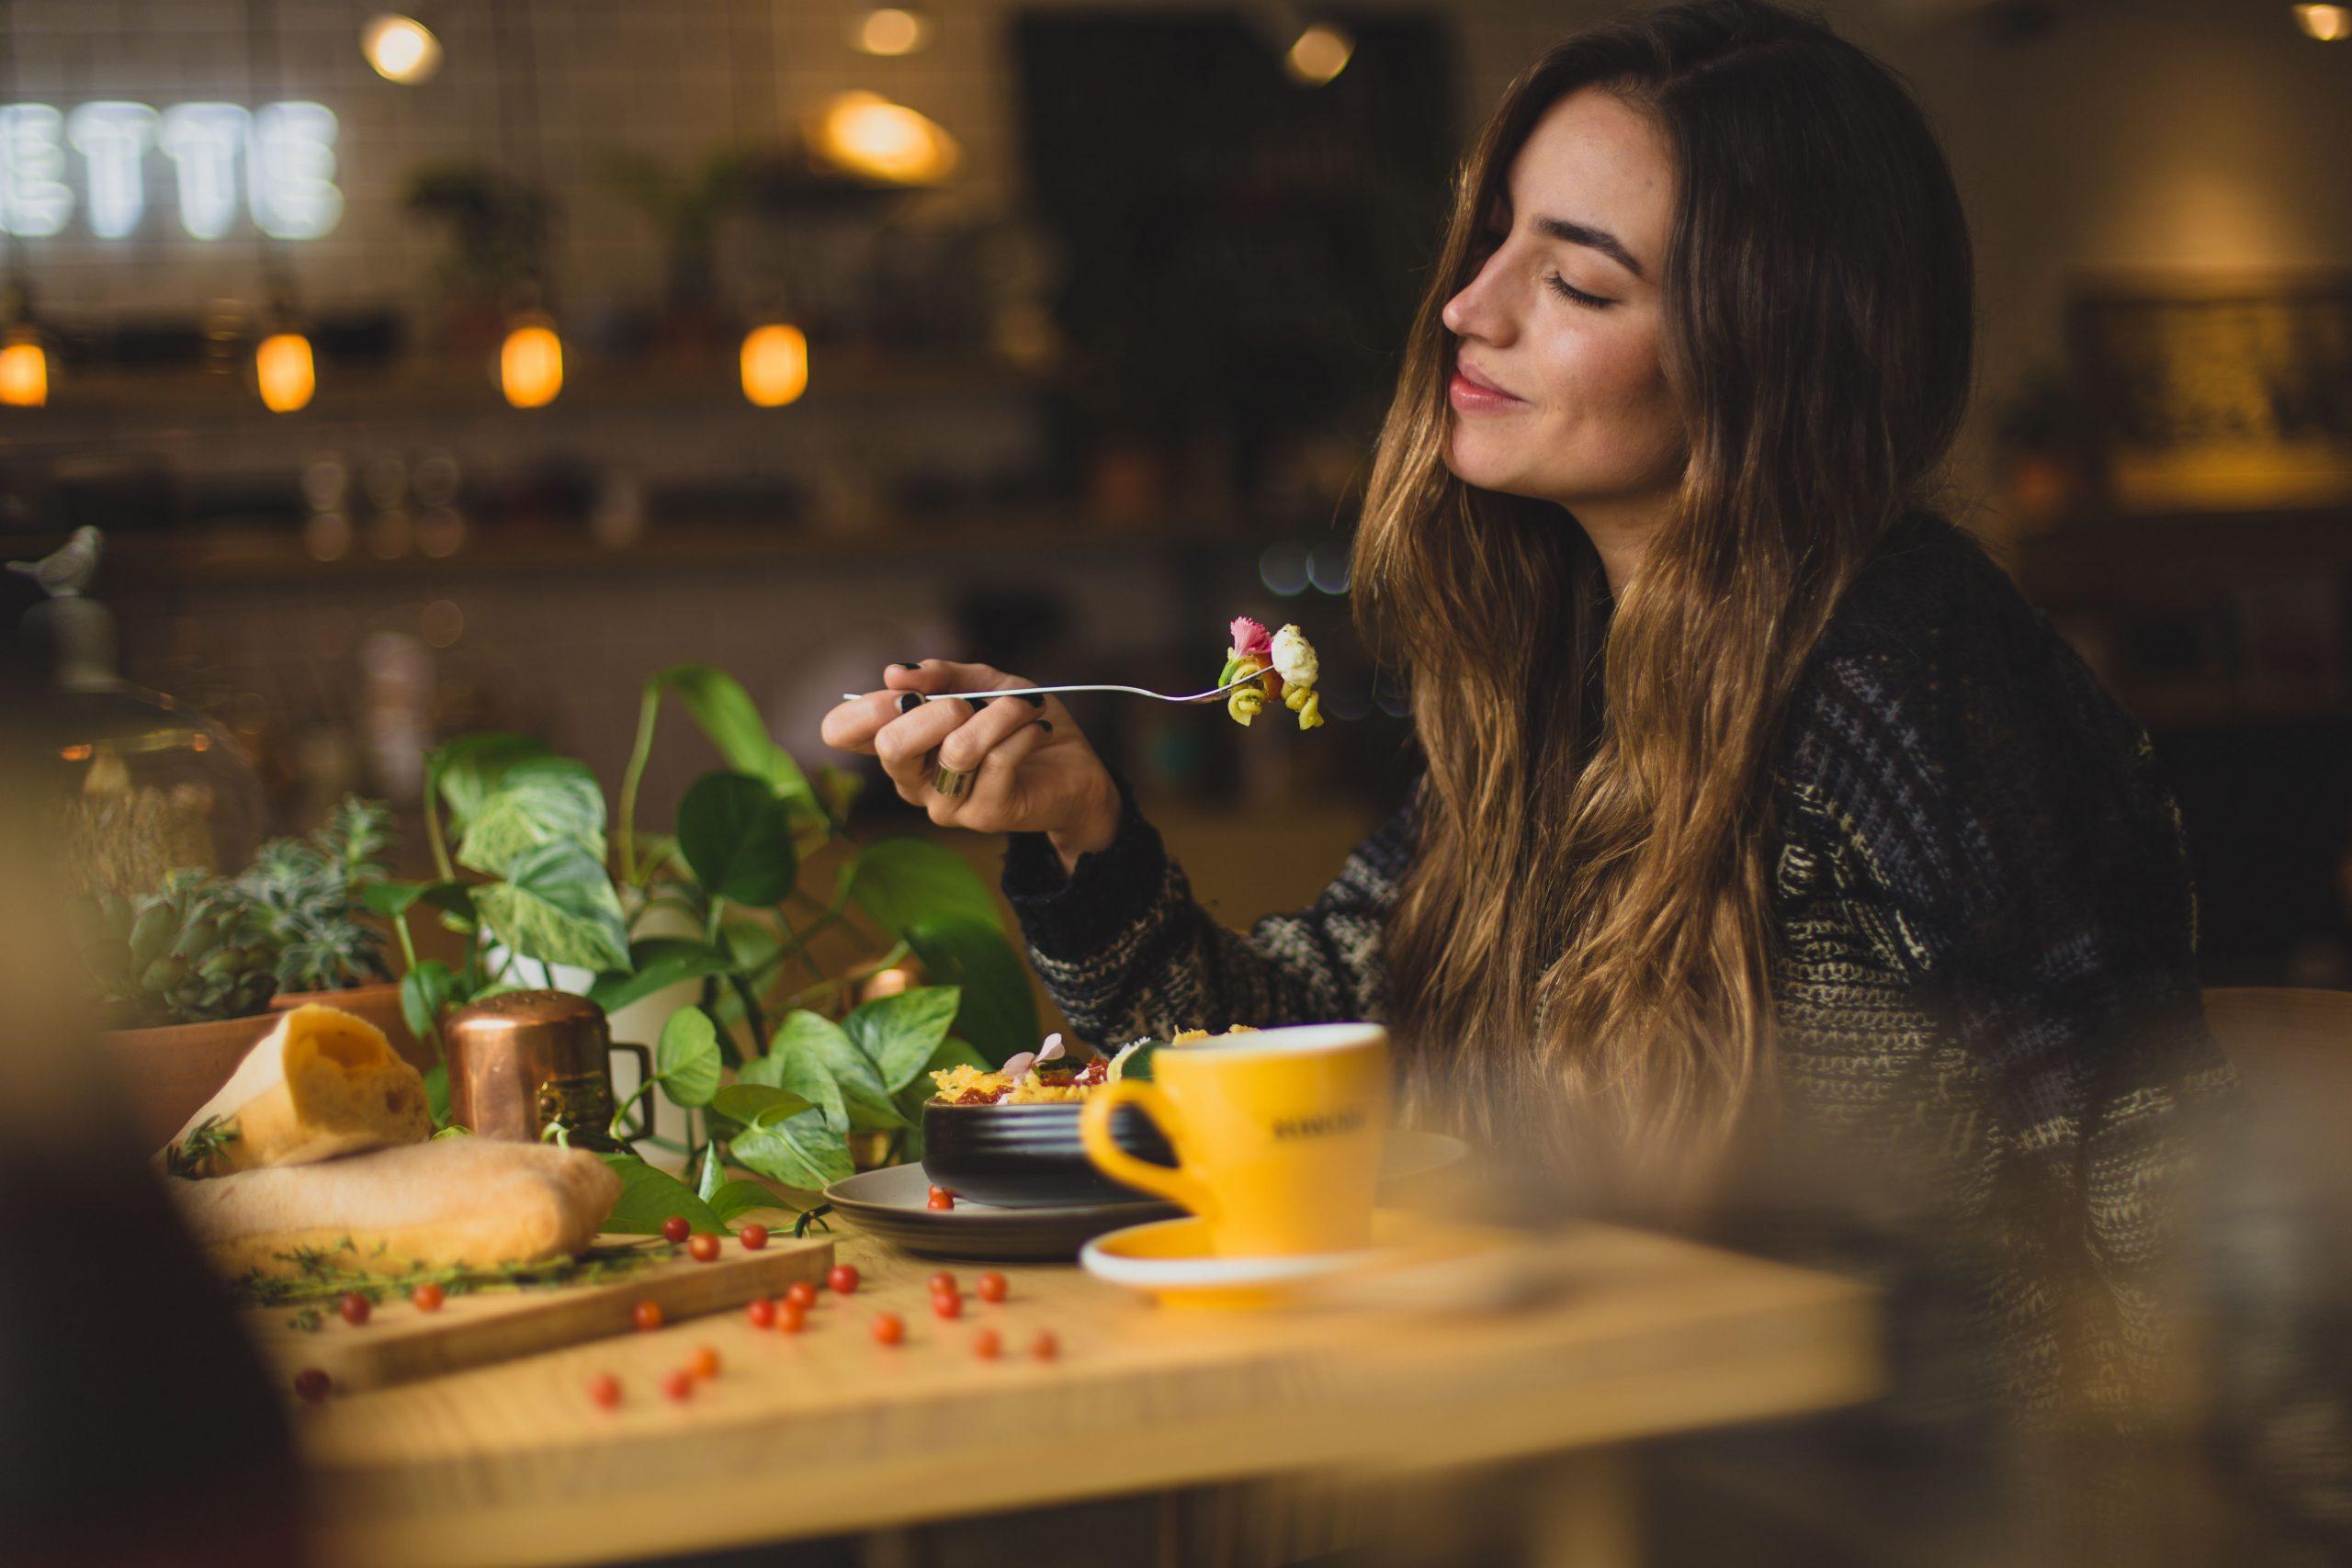 imagen de casual food para el post de Degusta Santa Cruz